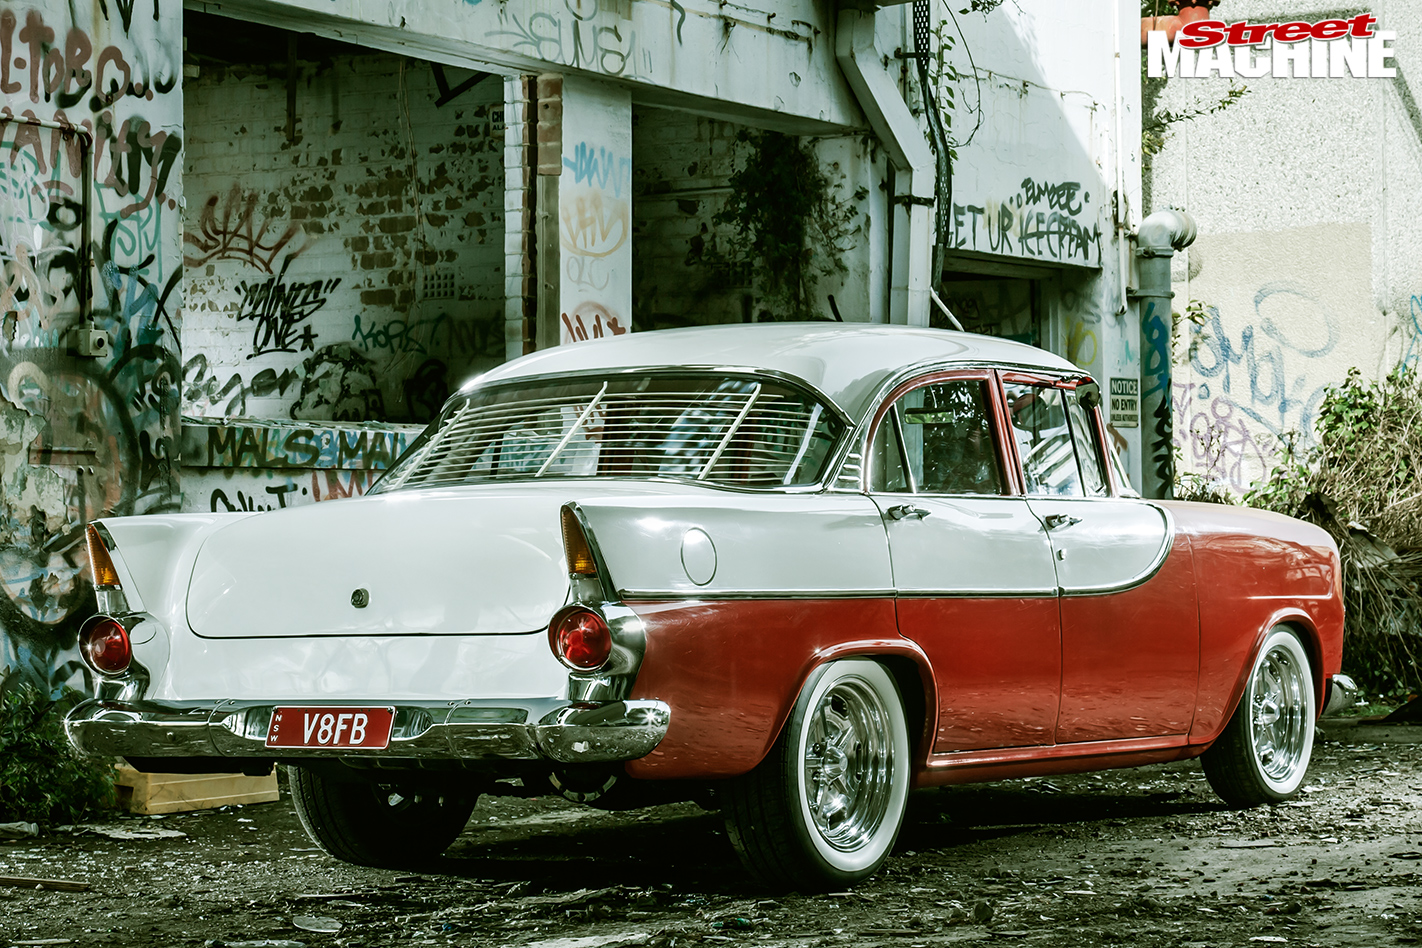 Holden -FB-rear -angle